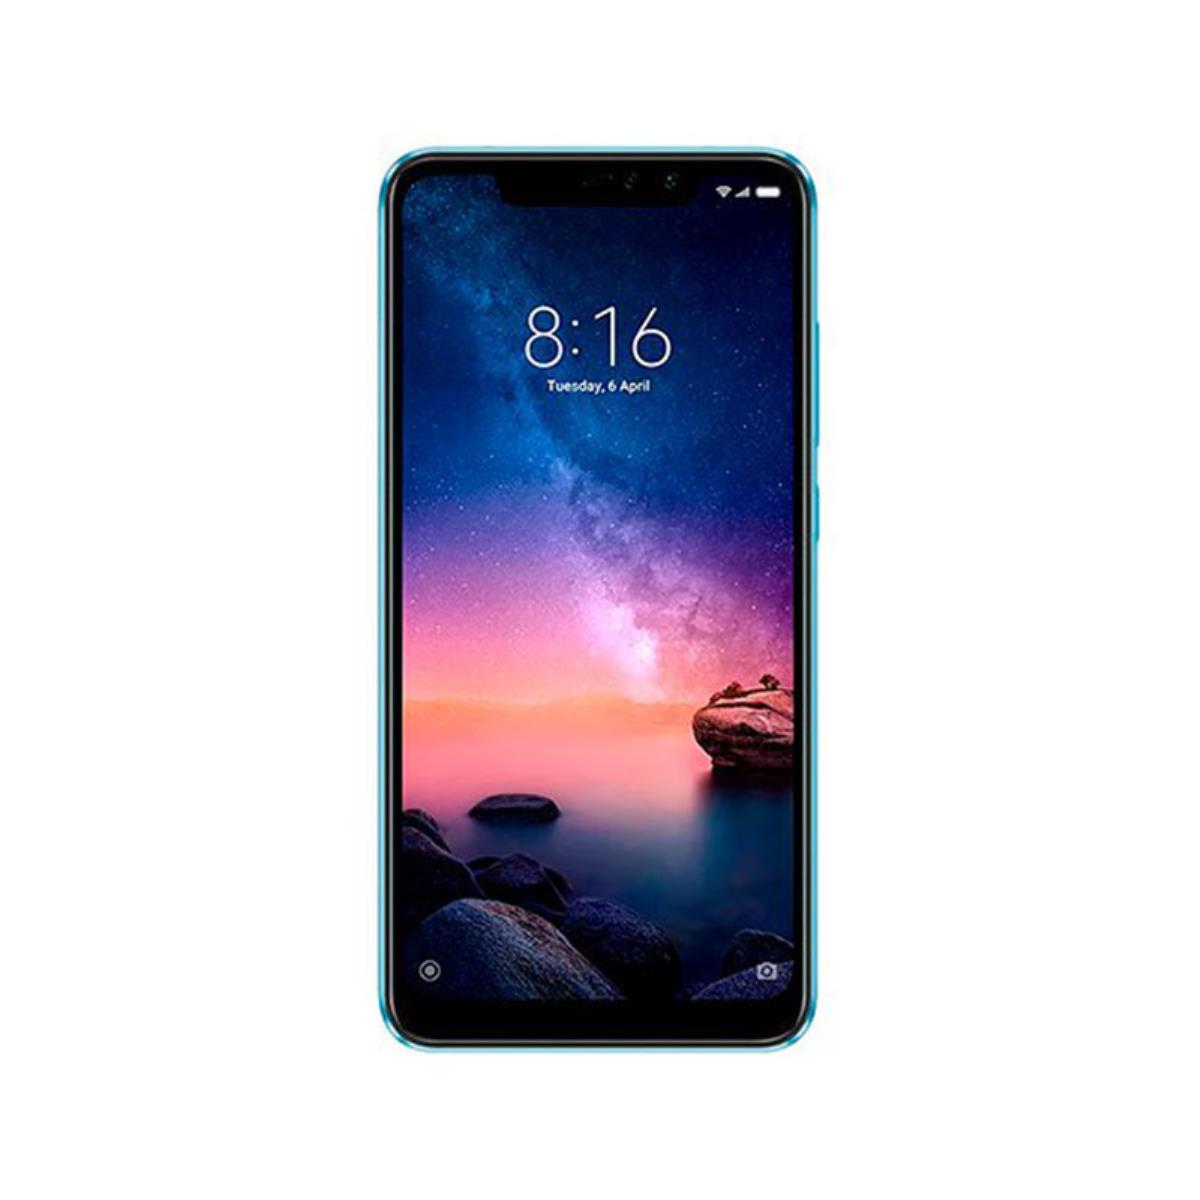 WIKO LENNY 5 16GB/1GB DUAL SIM BLACK